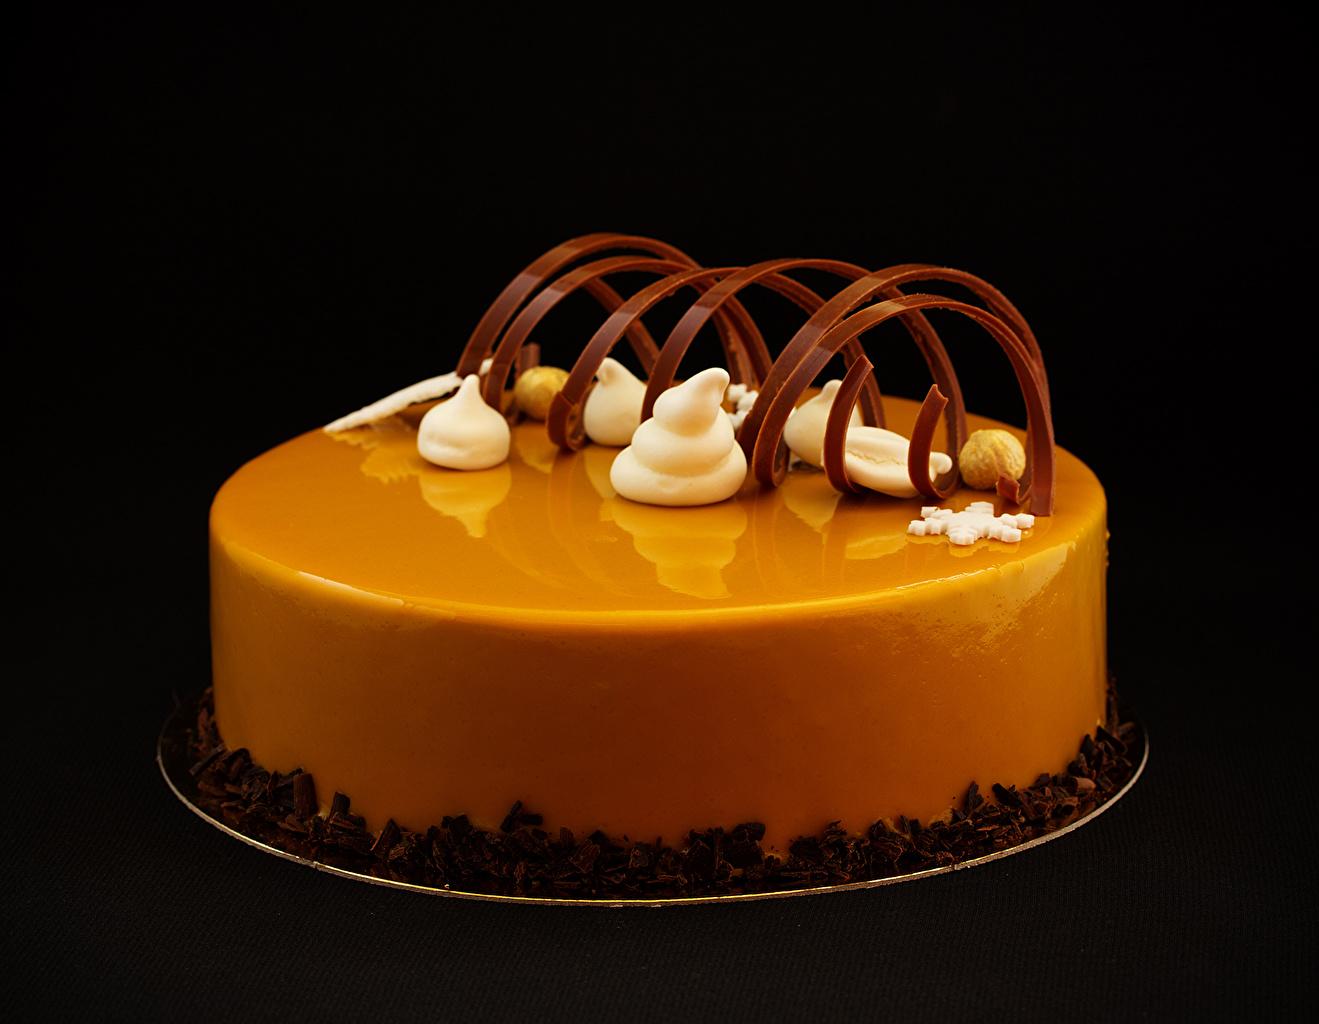 Картинки Шоколад Торты Еда Сладости Черный фон Дизайн Пища Продукты питания сладкая еда на черном фоне дизайна